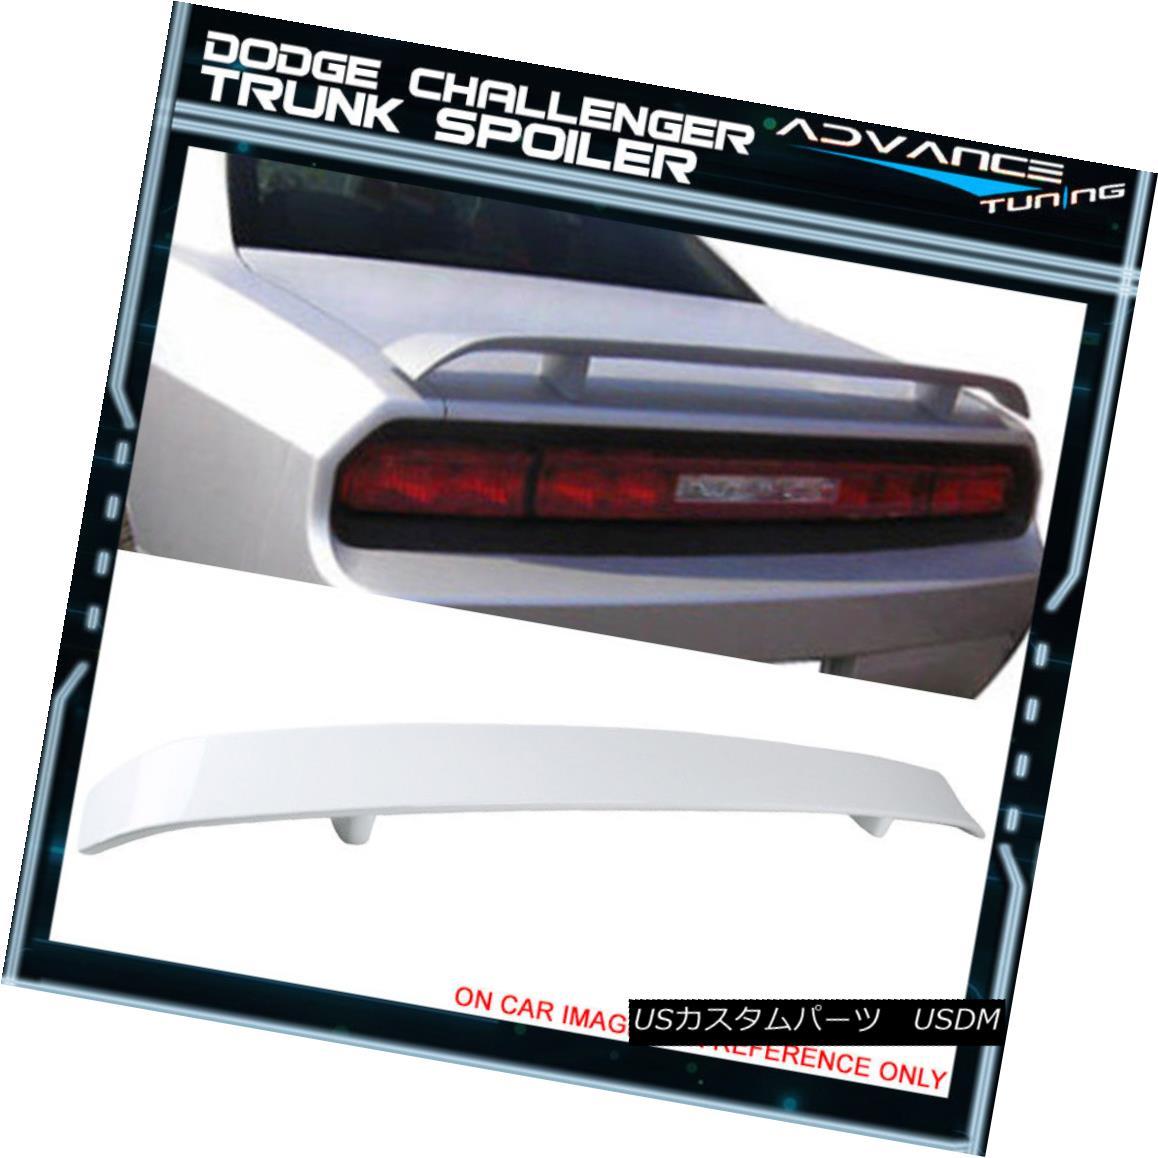 エアロパーツ 08-14 Challenger Trunk Spoiler OEM Painted Color Bright White #PW7 Go Wing 08-14チャレンジャー・トランク・スポイラーOEM塗装カラーブライト・ホワイト#PW7ゴー・ウィング